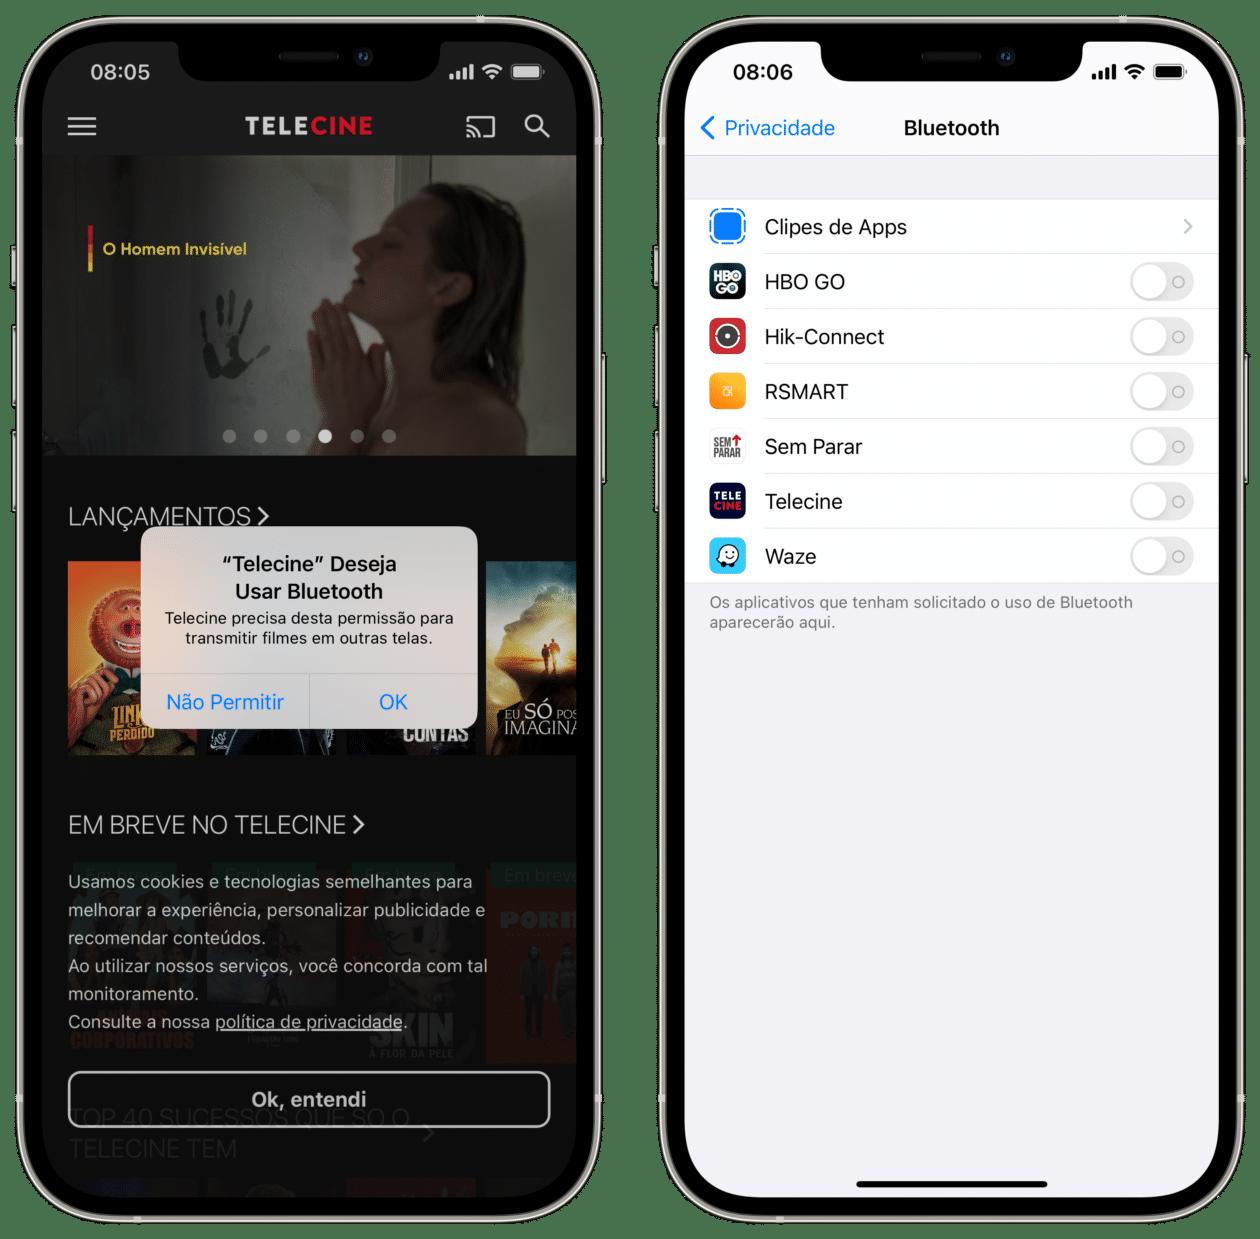 App solicitando permissão para usar o Bluetooth